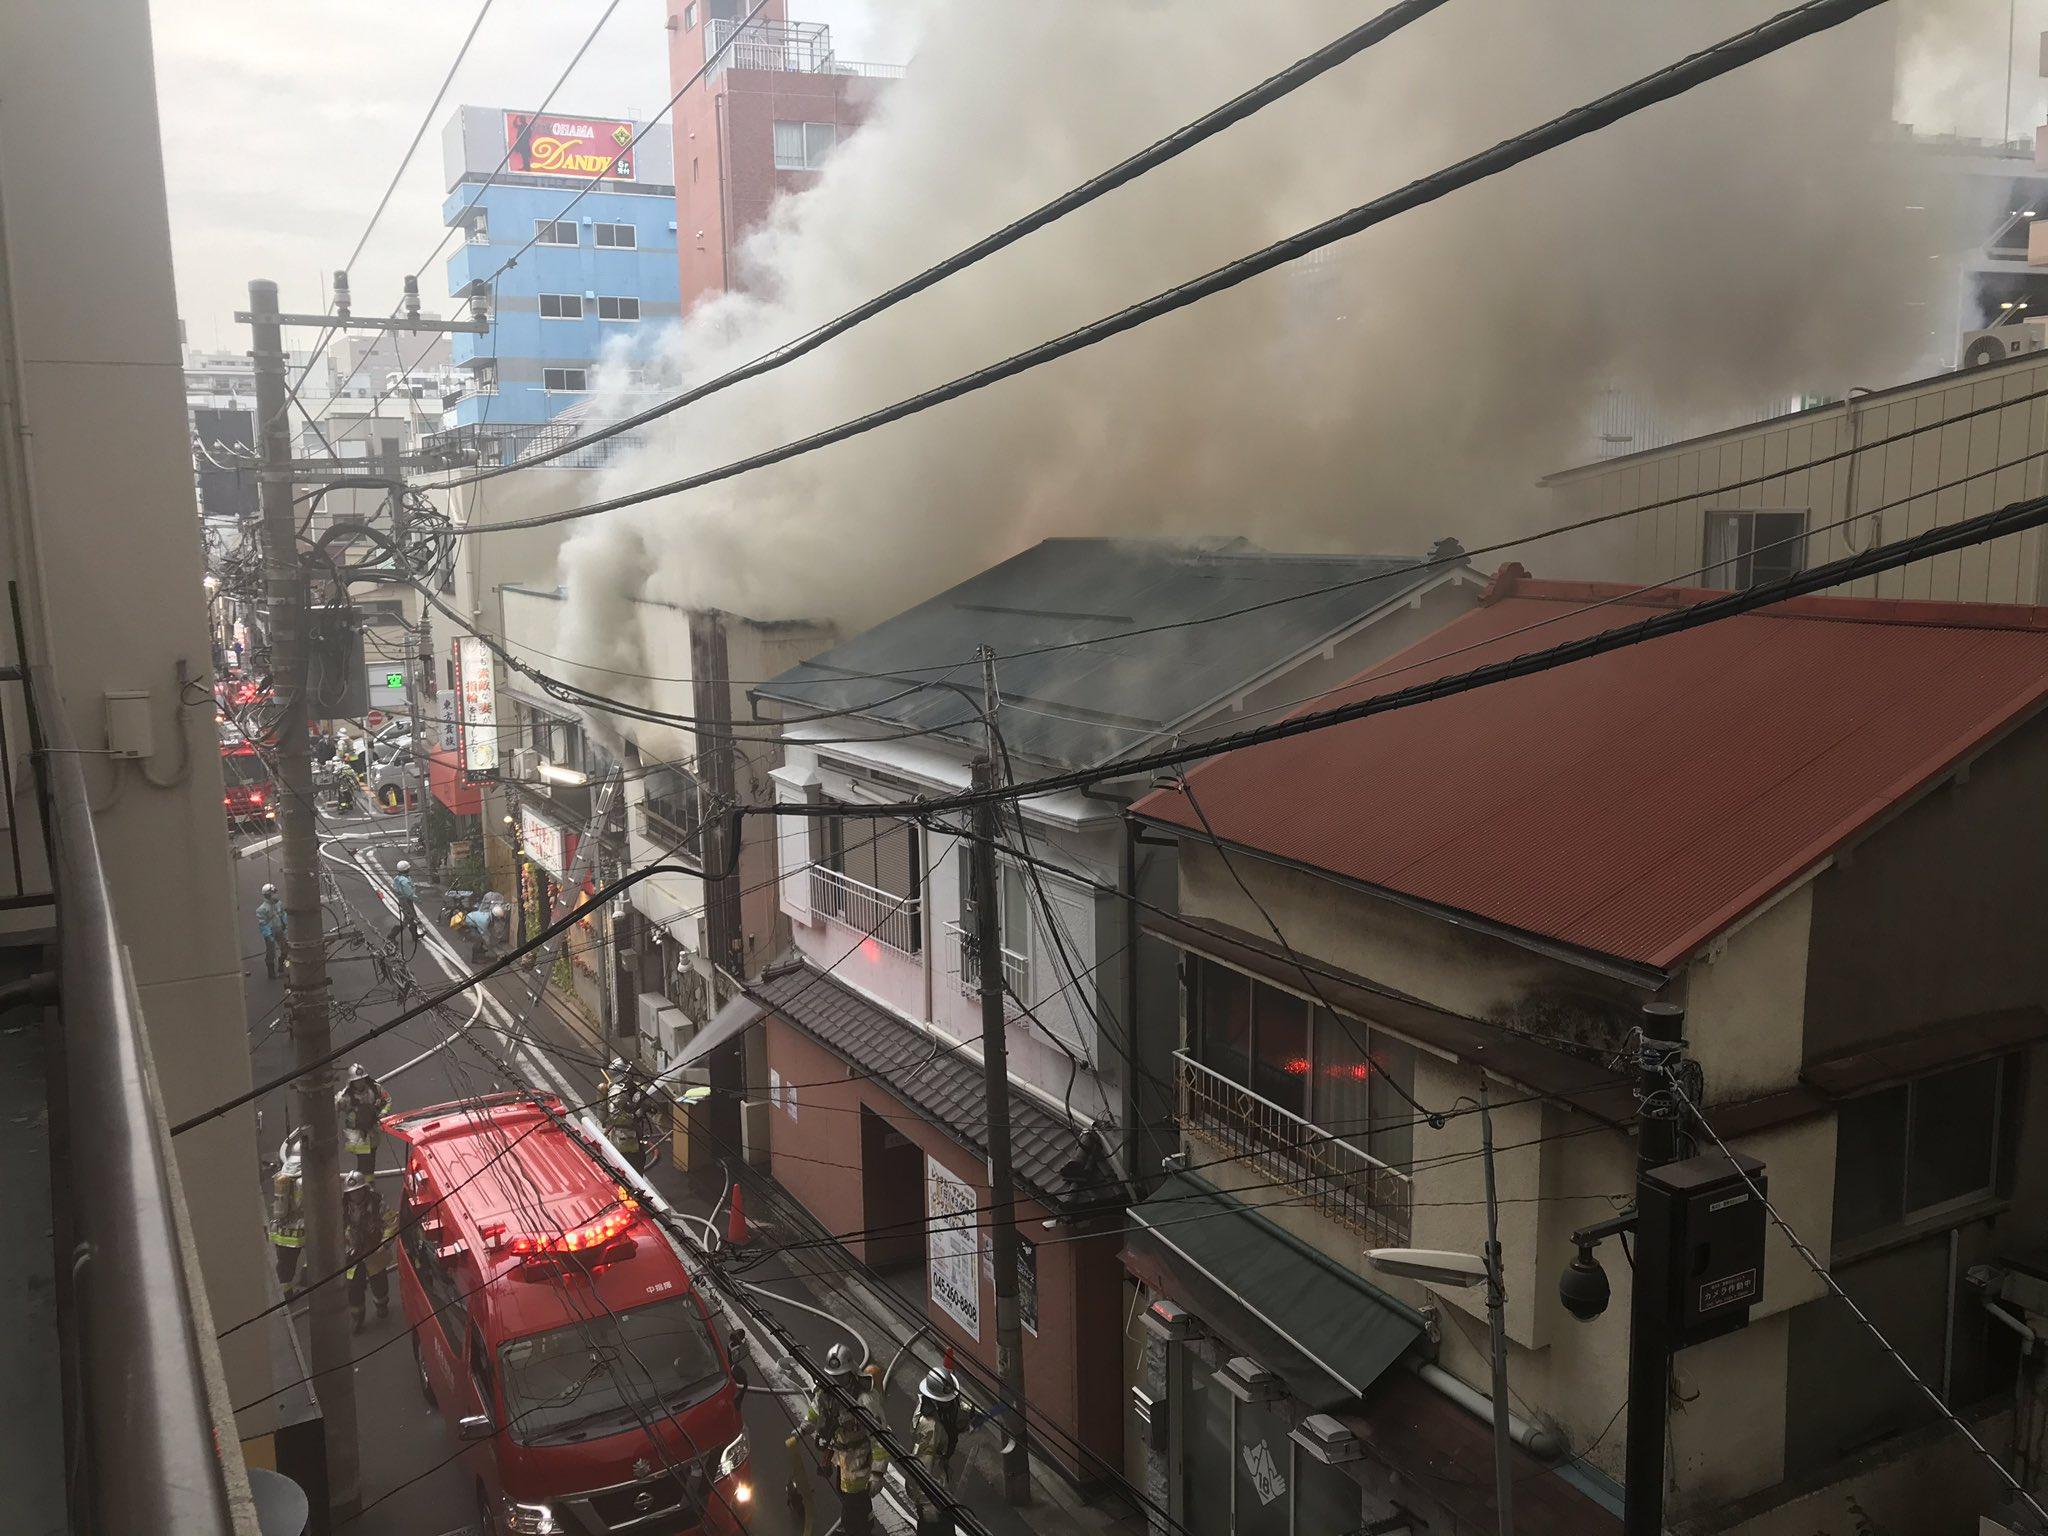 横浜市中区曙町の建物で火事が起きている現場の画像